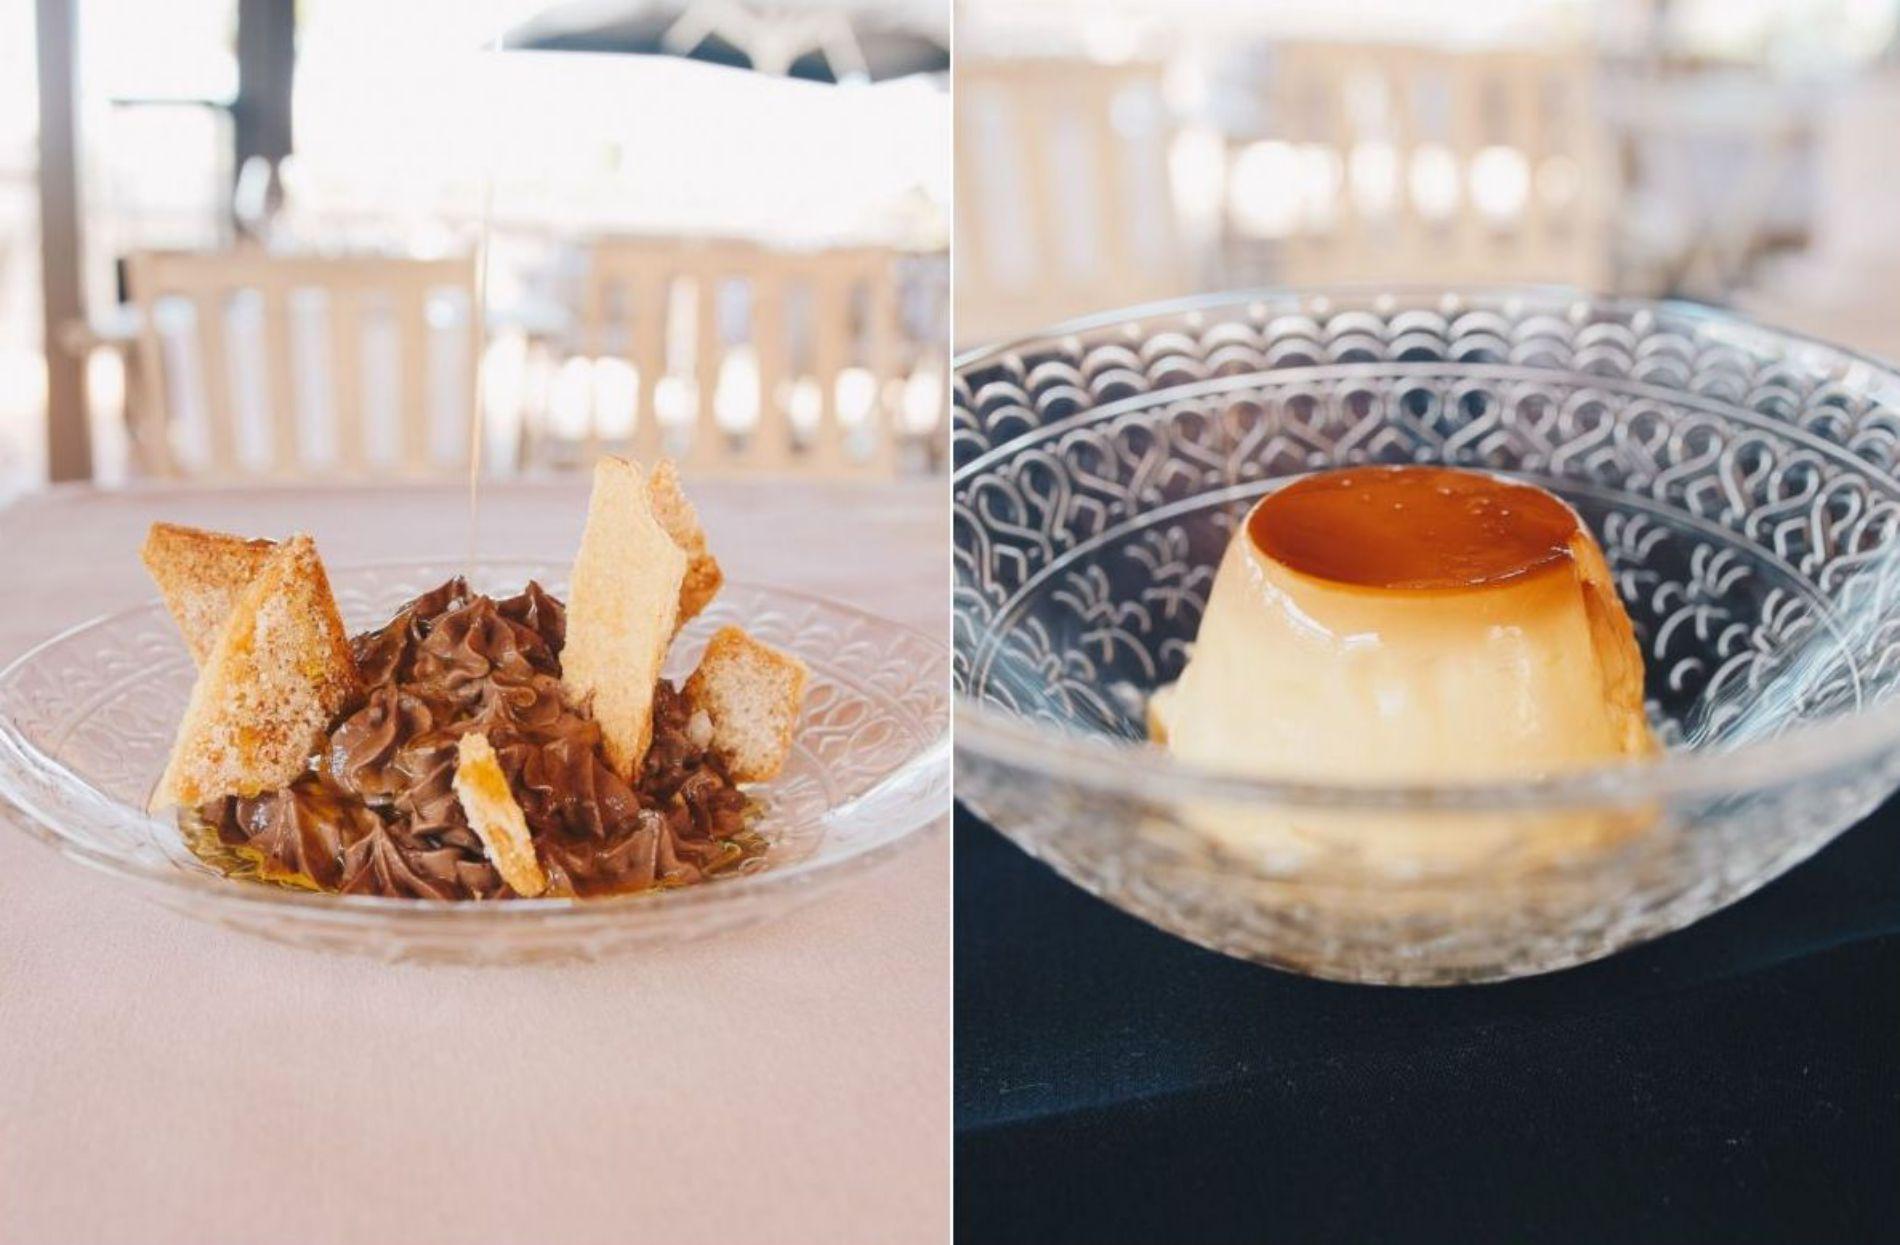 Un postre de chocolate y el flan casero ponen el inigualable punto dulce. Foto: Pan de Cuco.